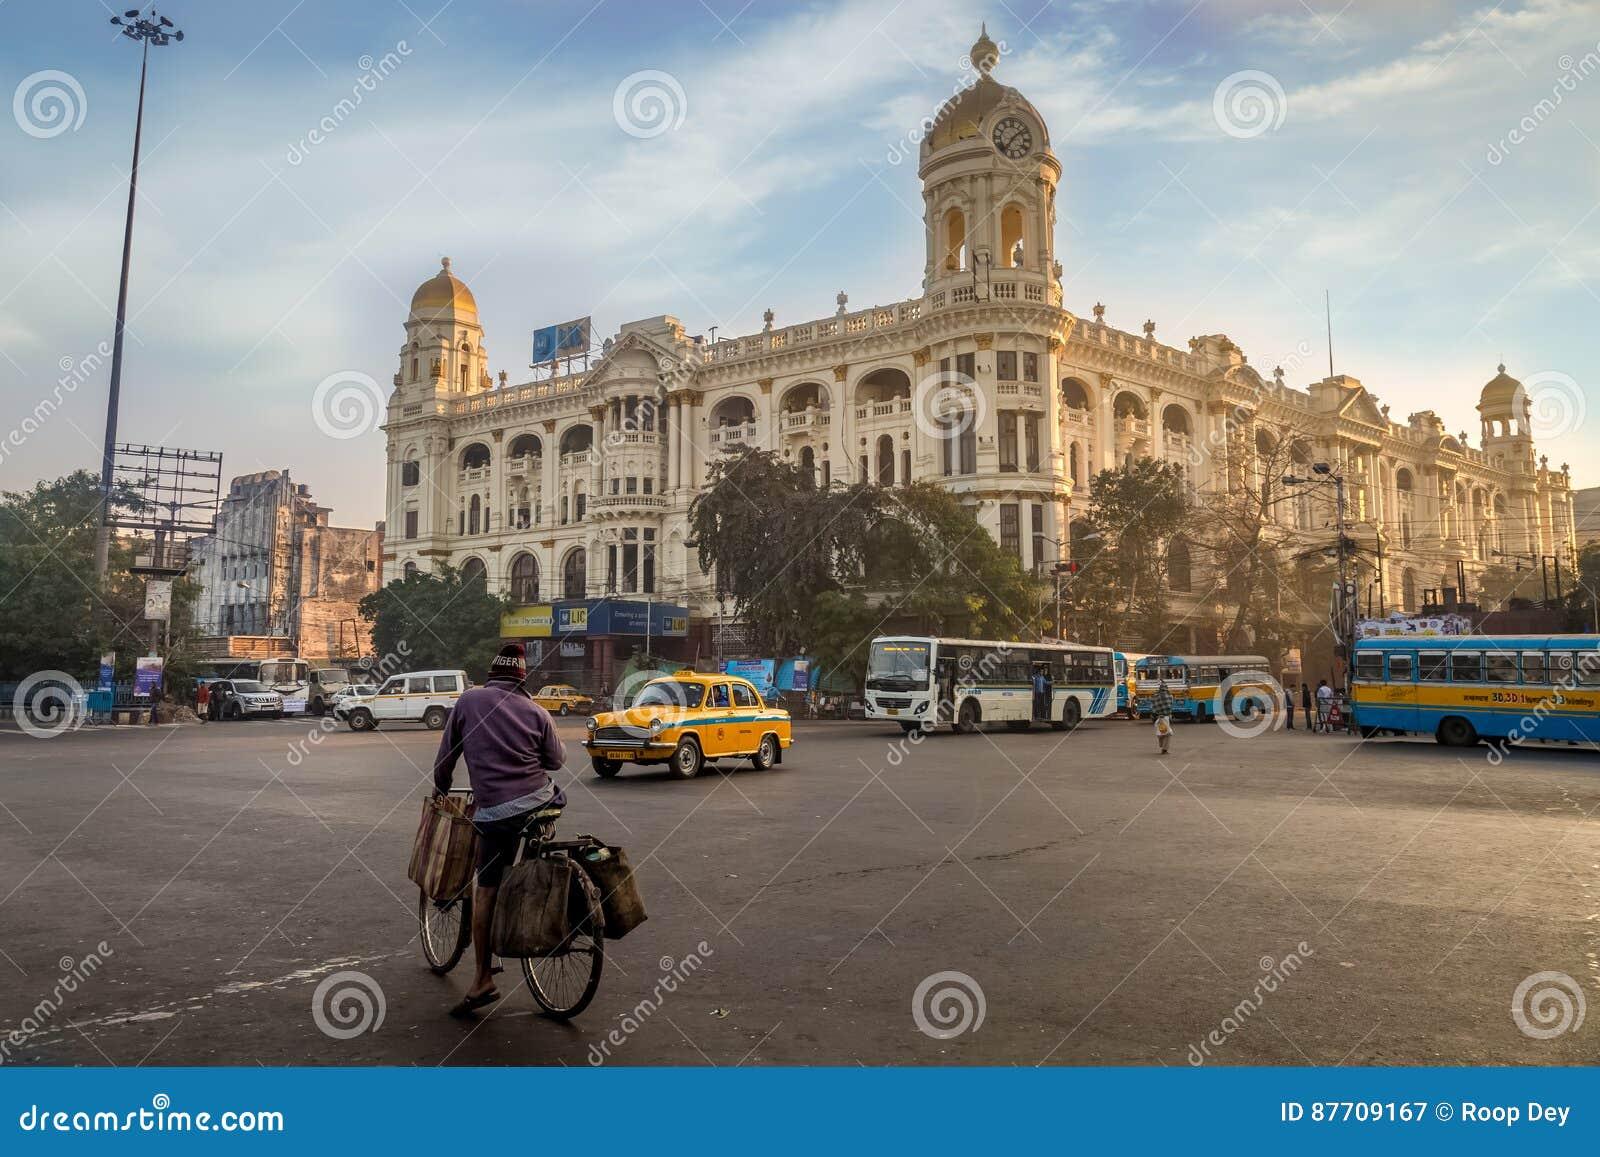 Point de repère important de jonction de route urbaine chez Chowringhee Dharamtala croisant Kolkata avec les bâtiments coloniaux